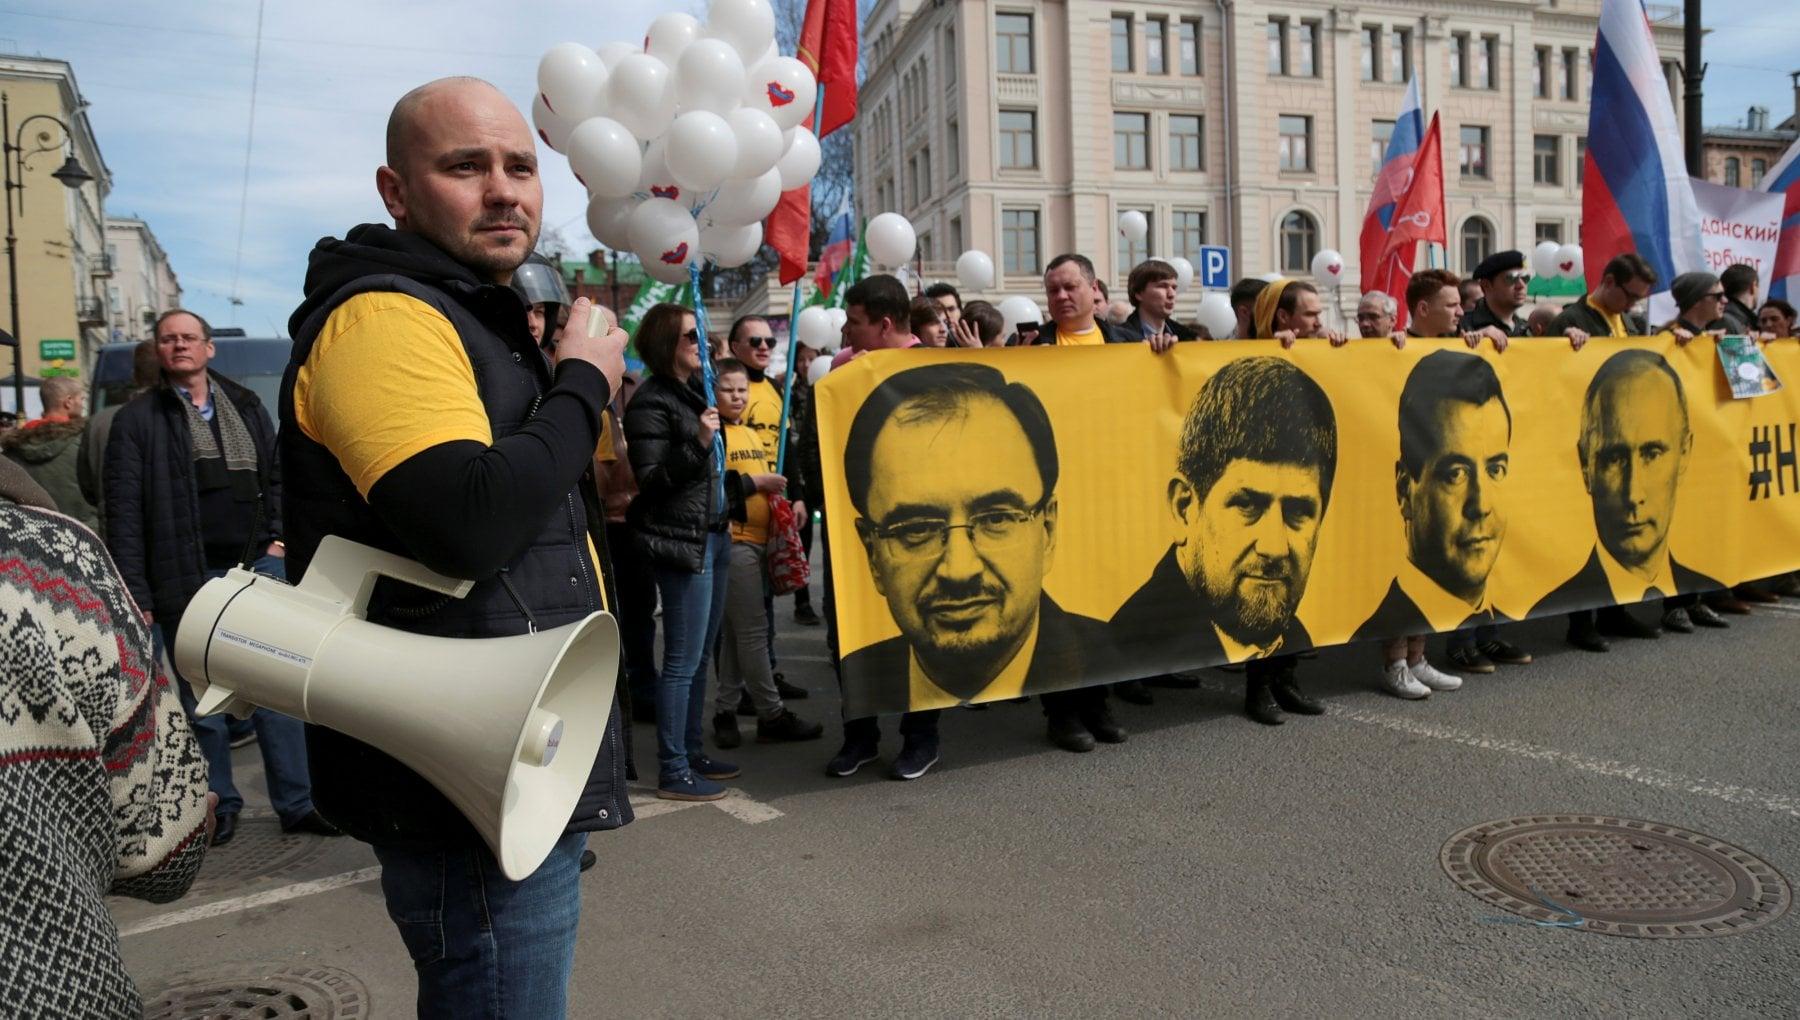 213751359 b7dcb885 e621 4c65 9639 4af14f23cb90 - Russia, Putin copia il metodo Lukashenko: dissidente arrestato sull'aereo